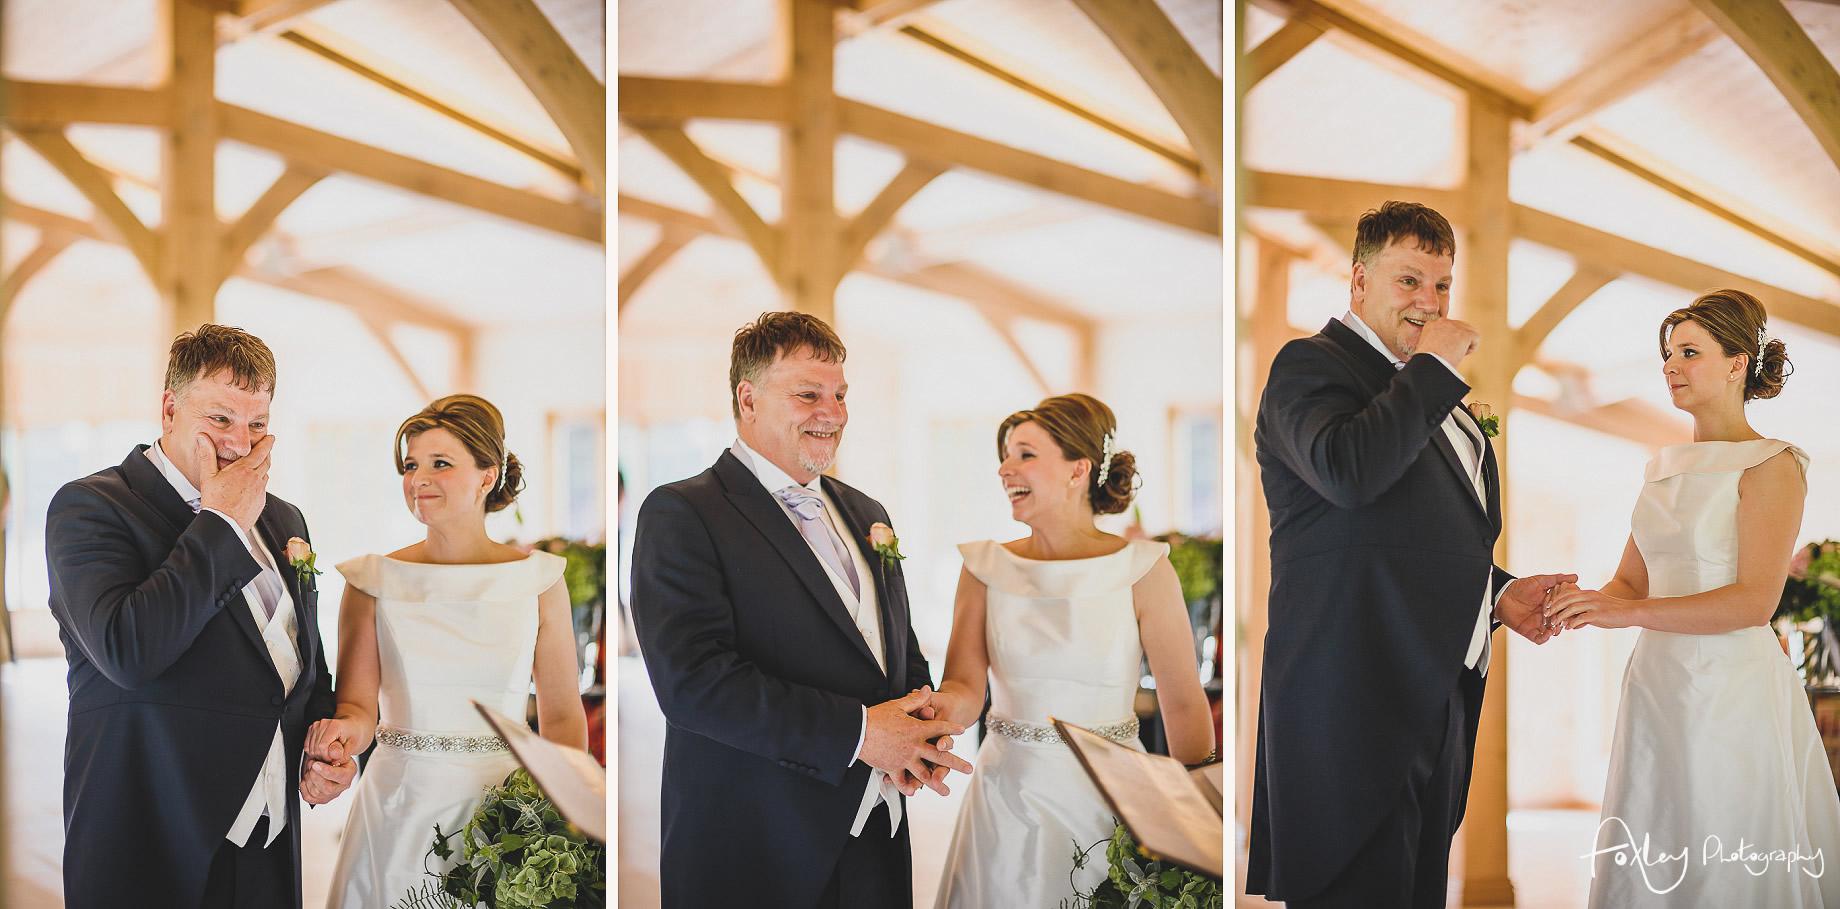 Simona-and-Robert-Wedding-at-Colshaw-Hall-101